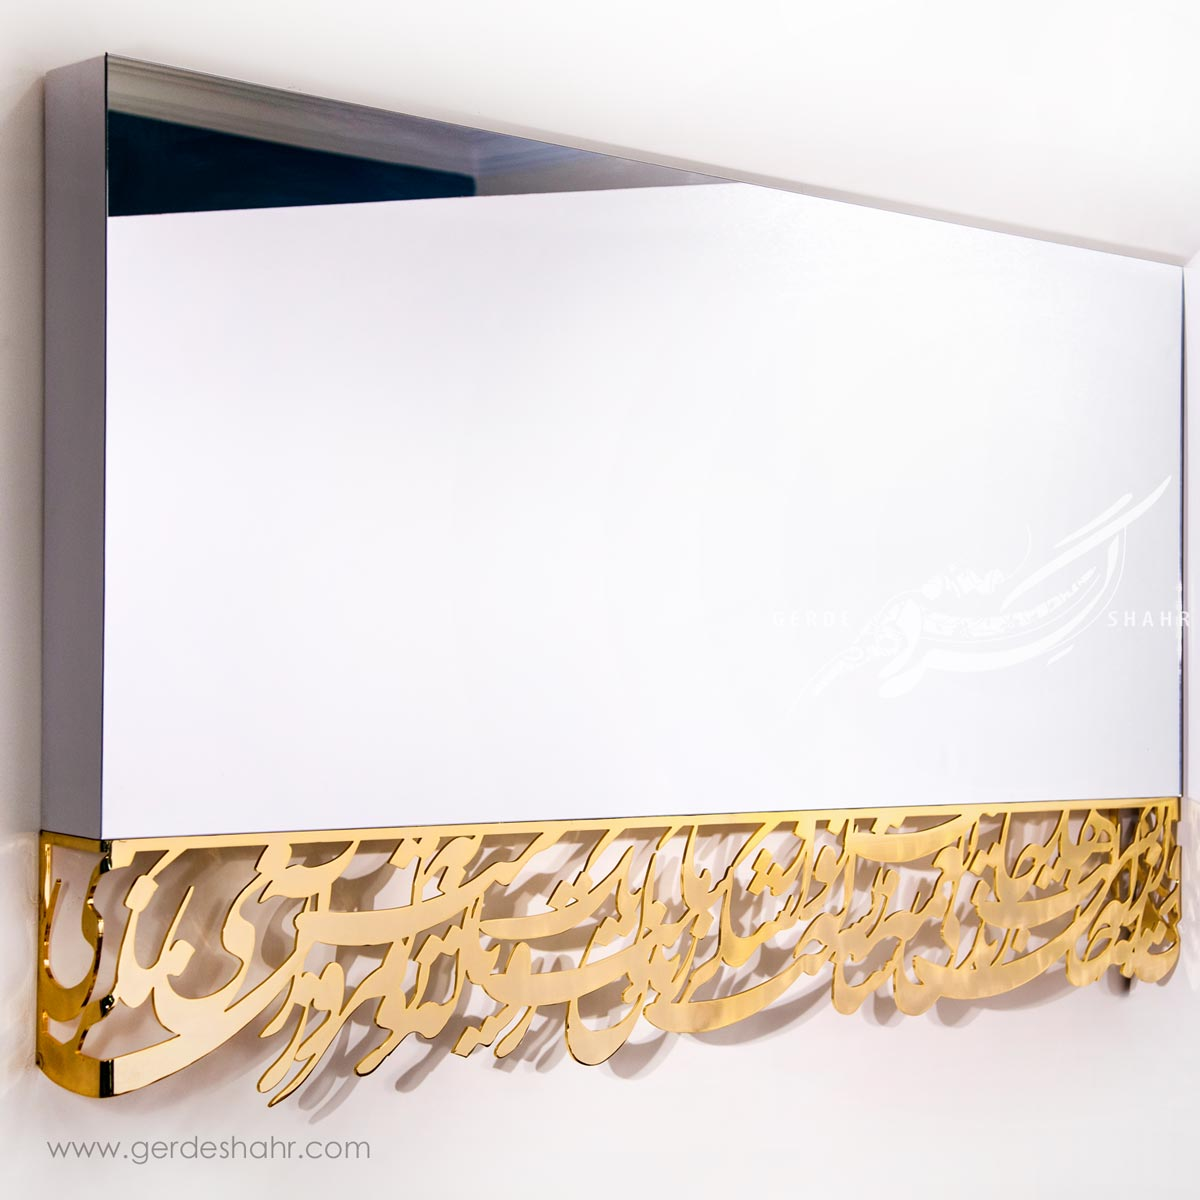 آینه مستطیل کالیگرافی زندگی نماد محصولات